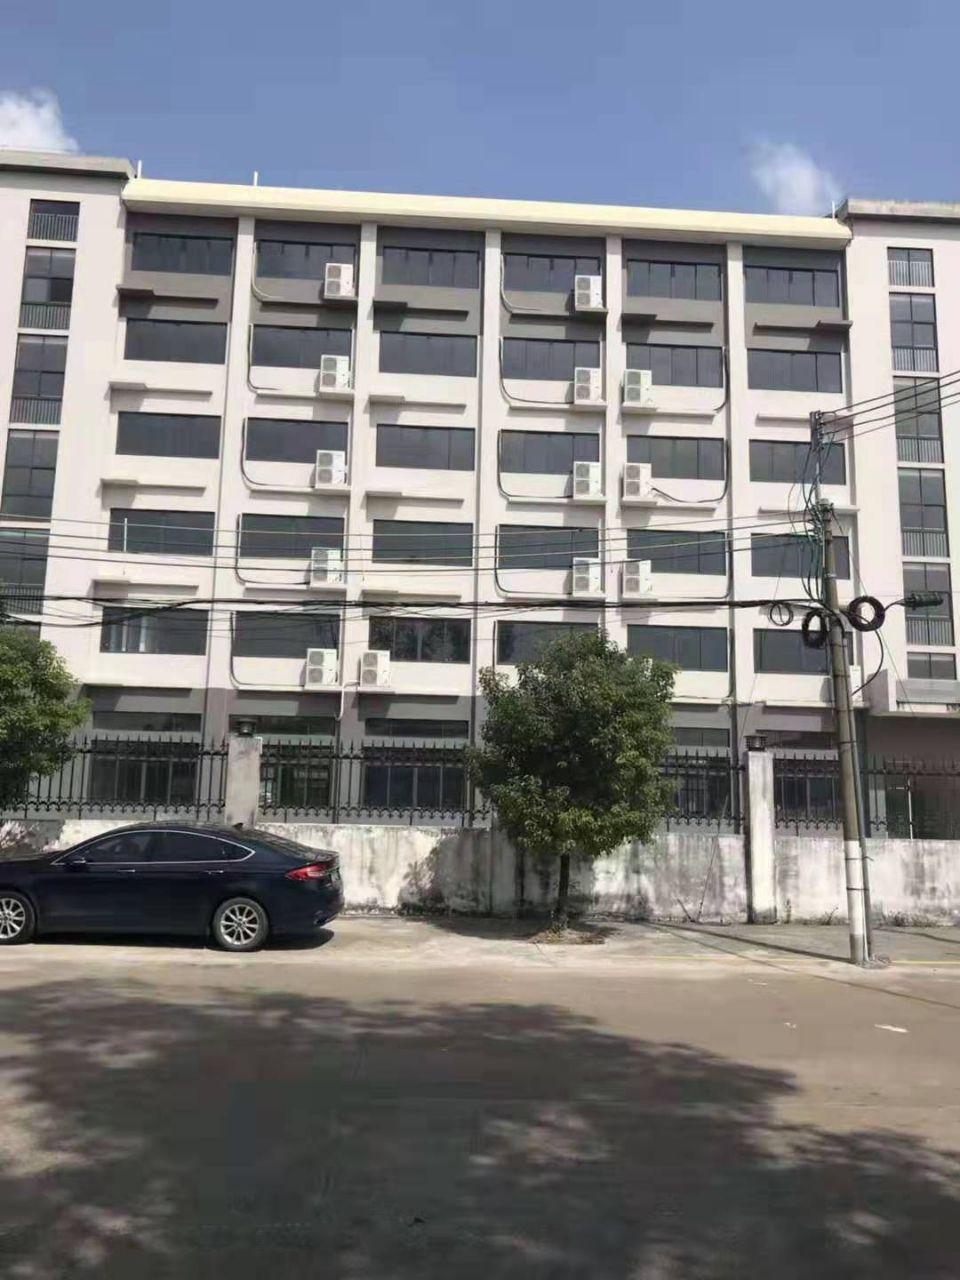 番禺石碁教育学校60000方,有房产证,证件齐全,配套齐全